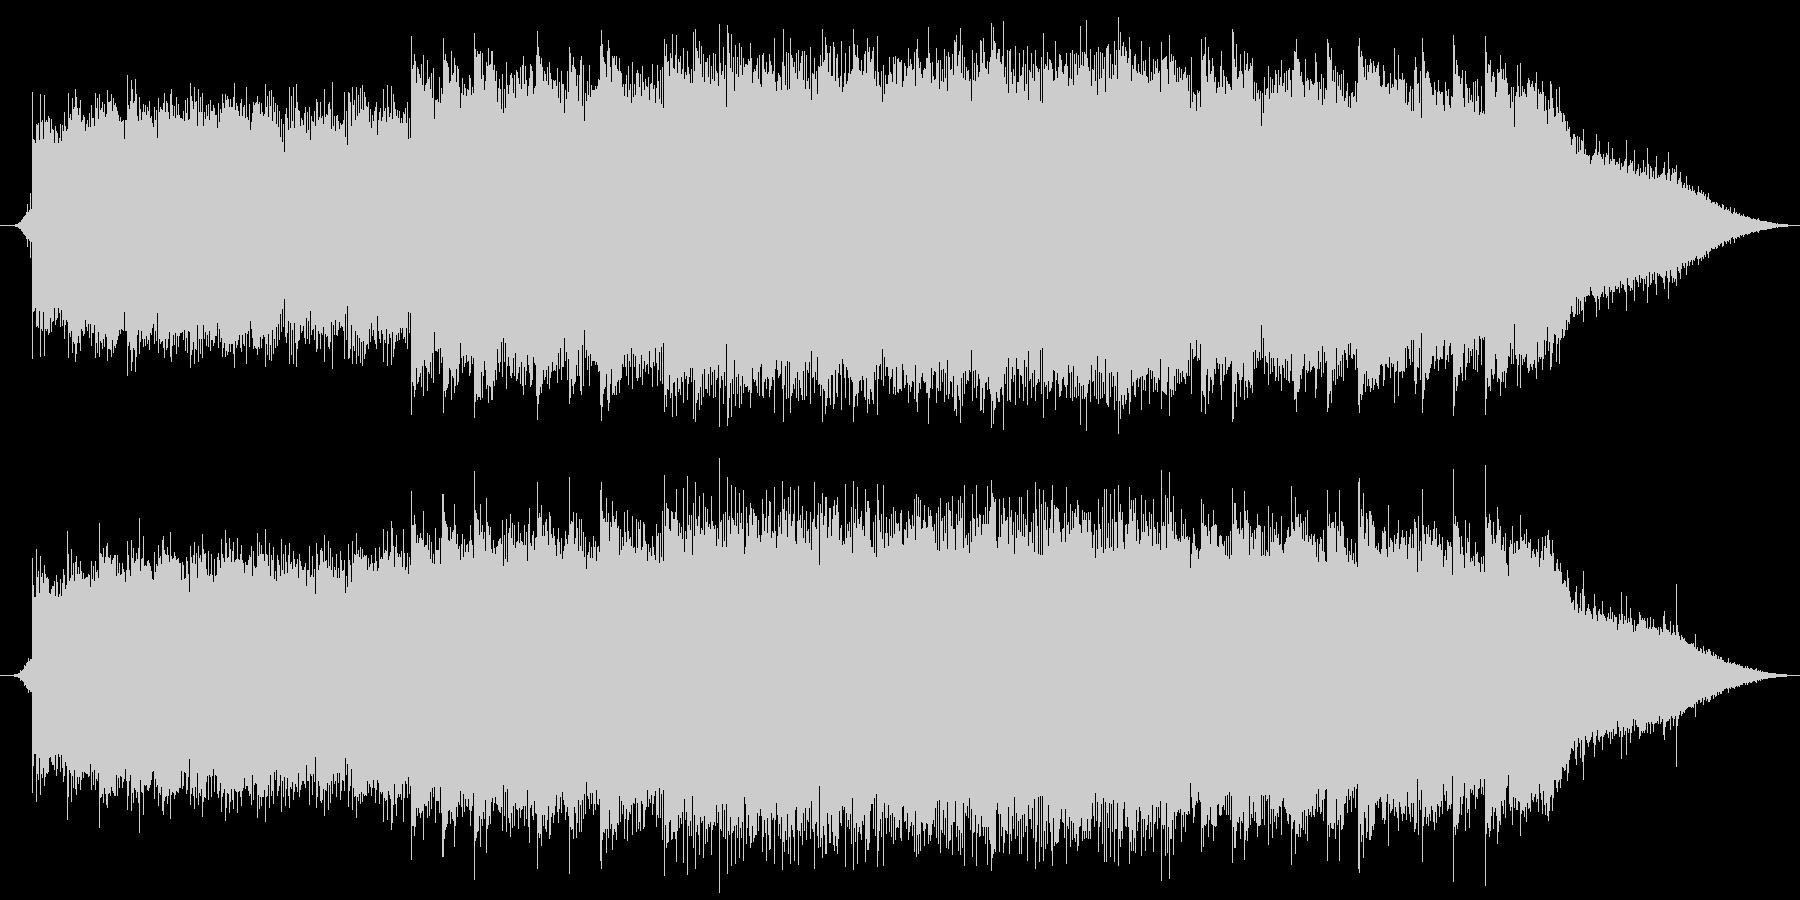 雨の音とピアノの幻想的な曲の未再生の波形